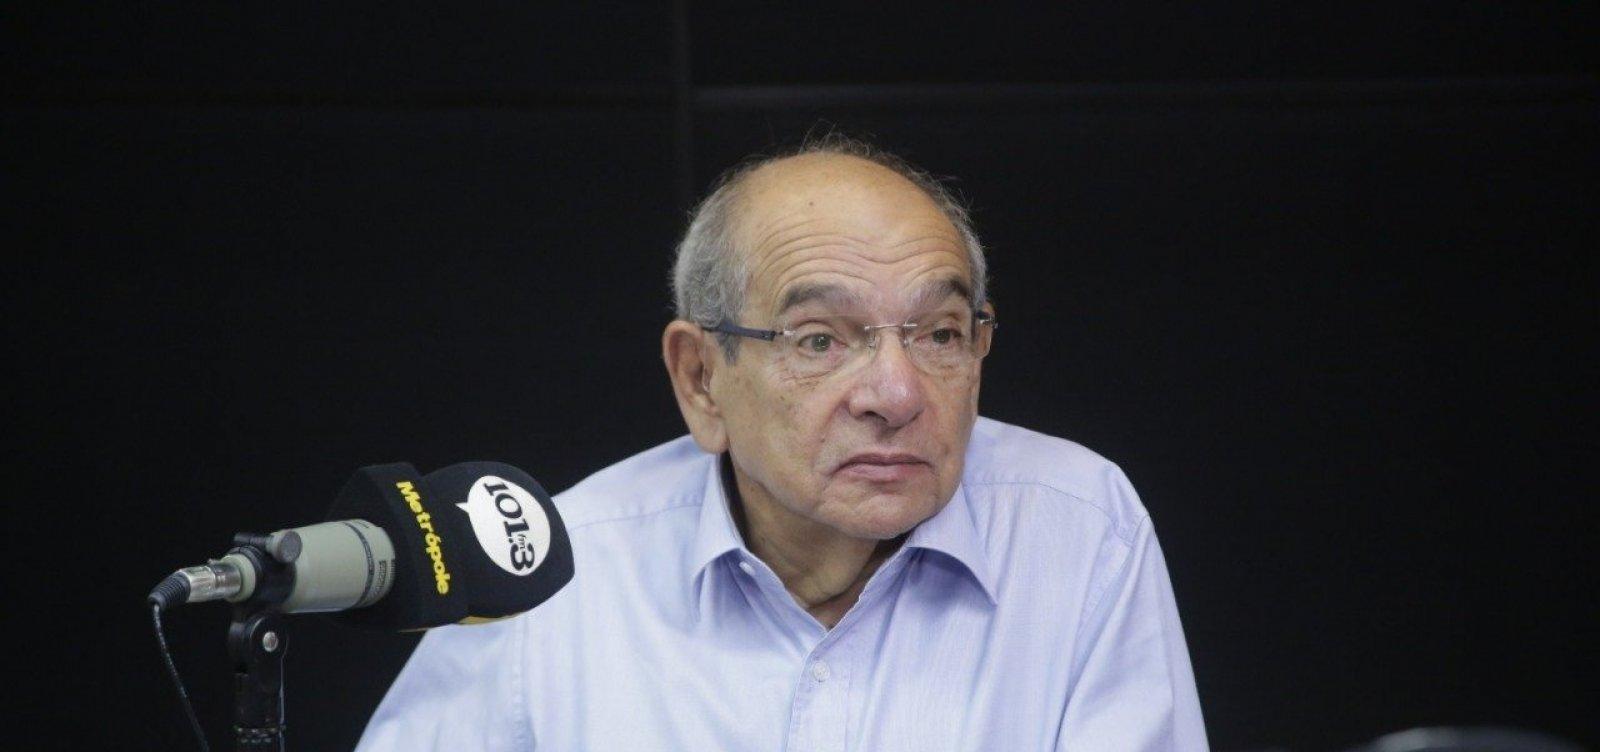 Mário Kertész critica carreatas a favor de reabertura do comércio em meio à pandemia; ouça